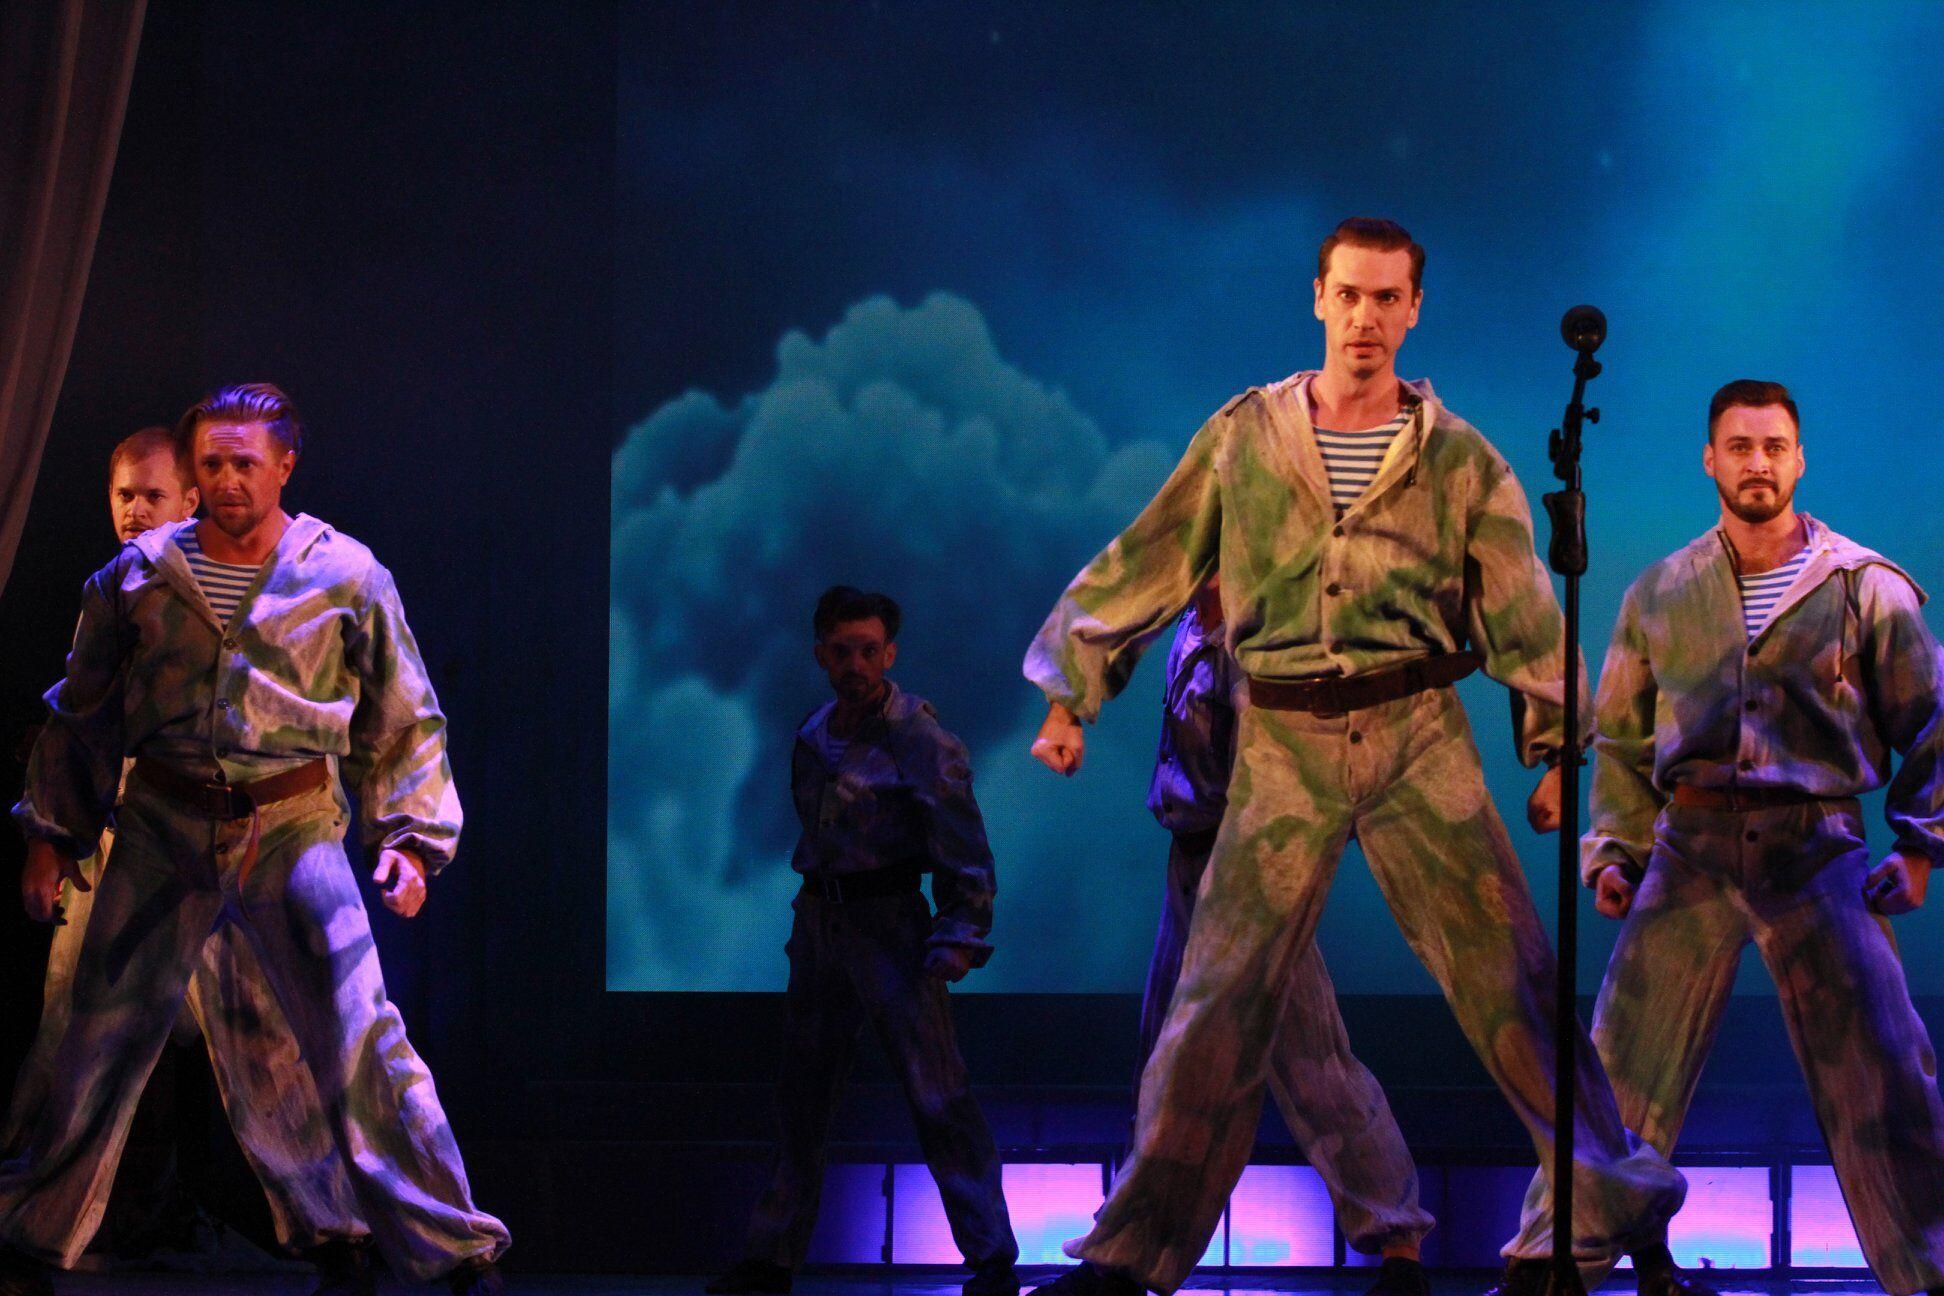 Военные приняли участие в театрализованной постановке.